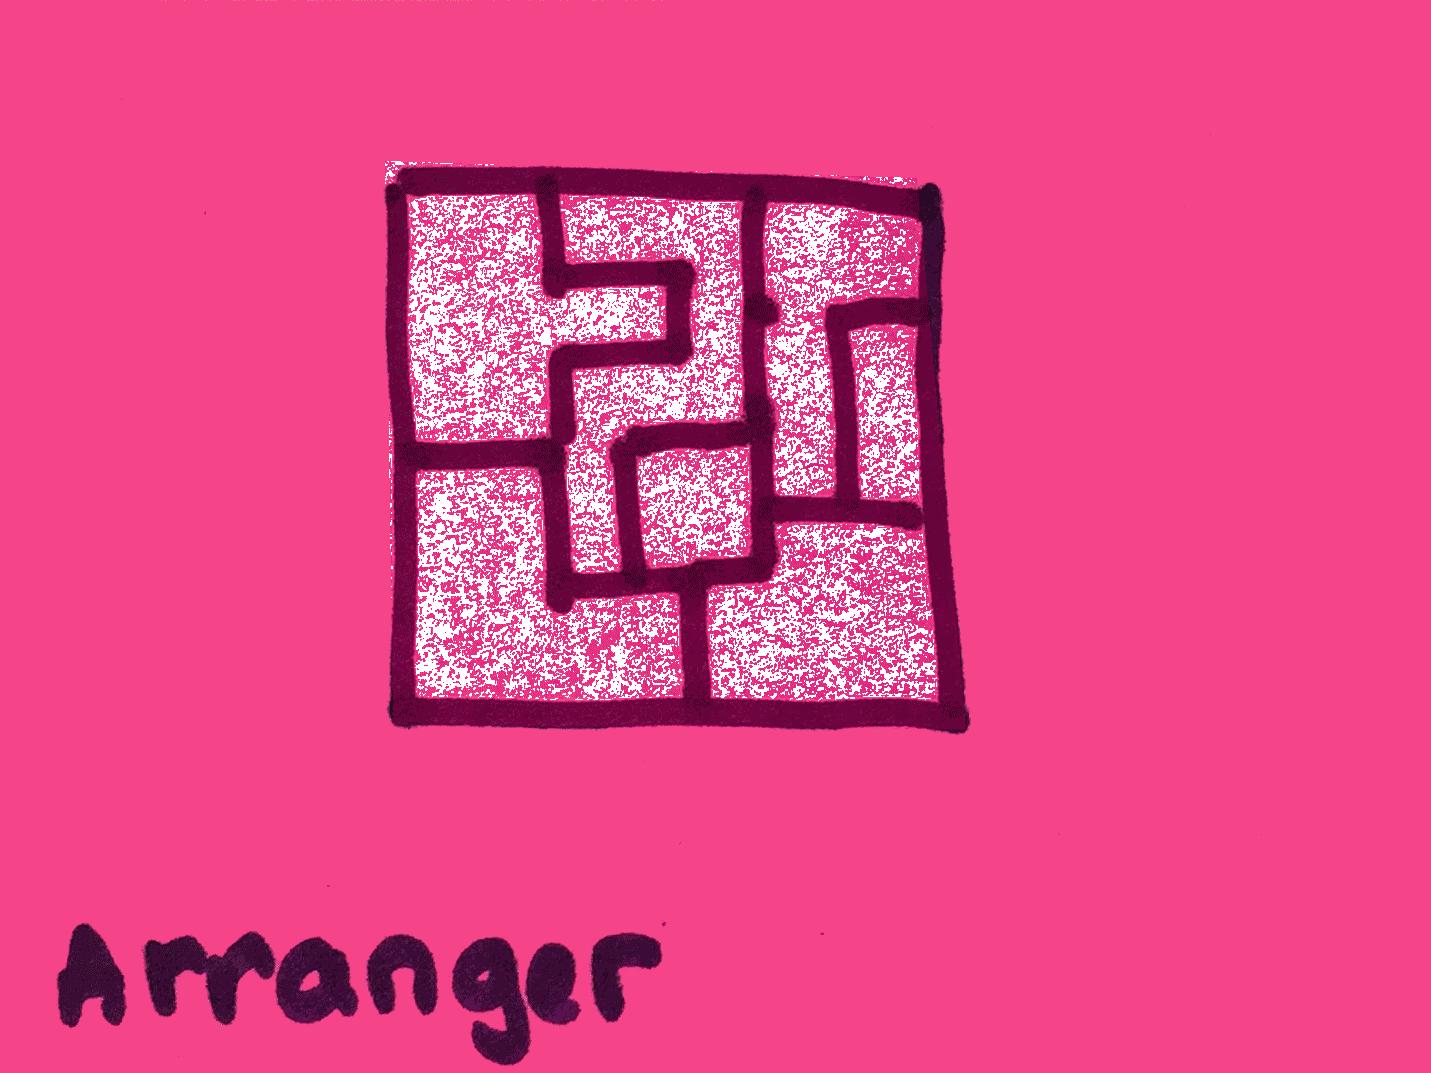 Arranger Strengthsfinder Jigsaw Puzzle